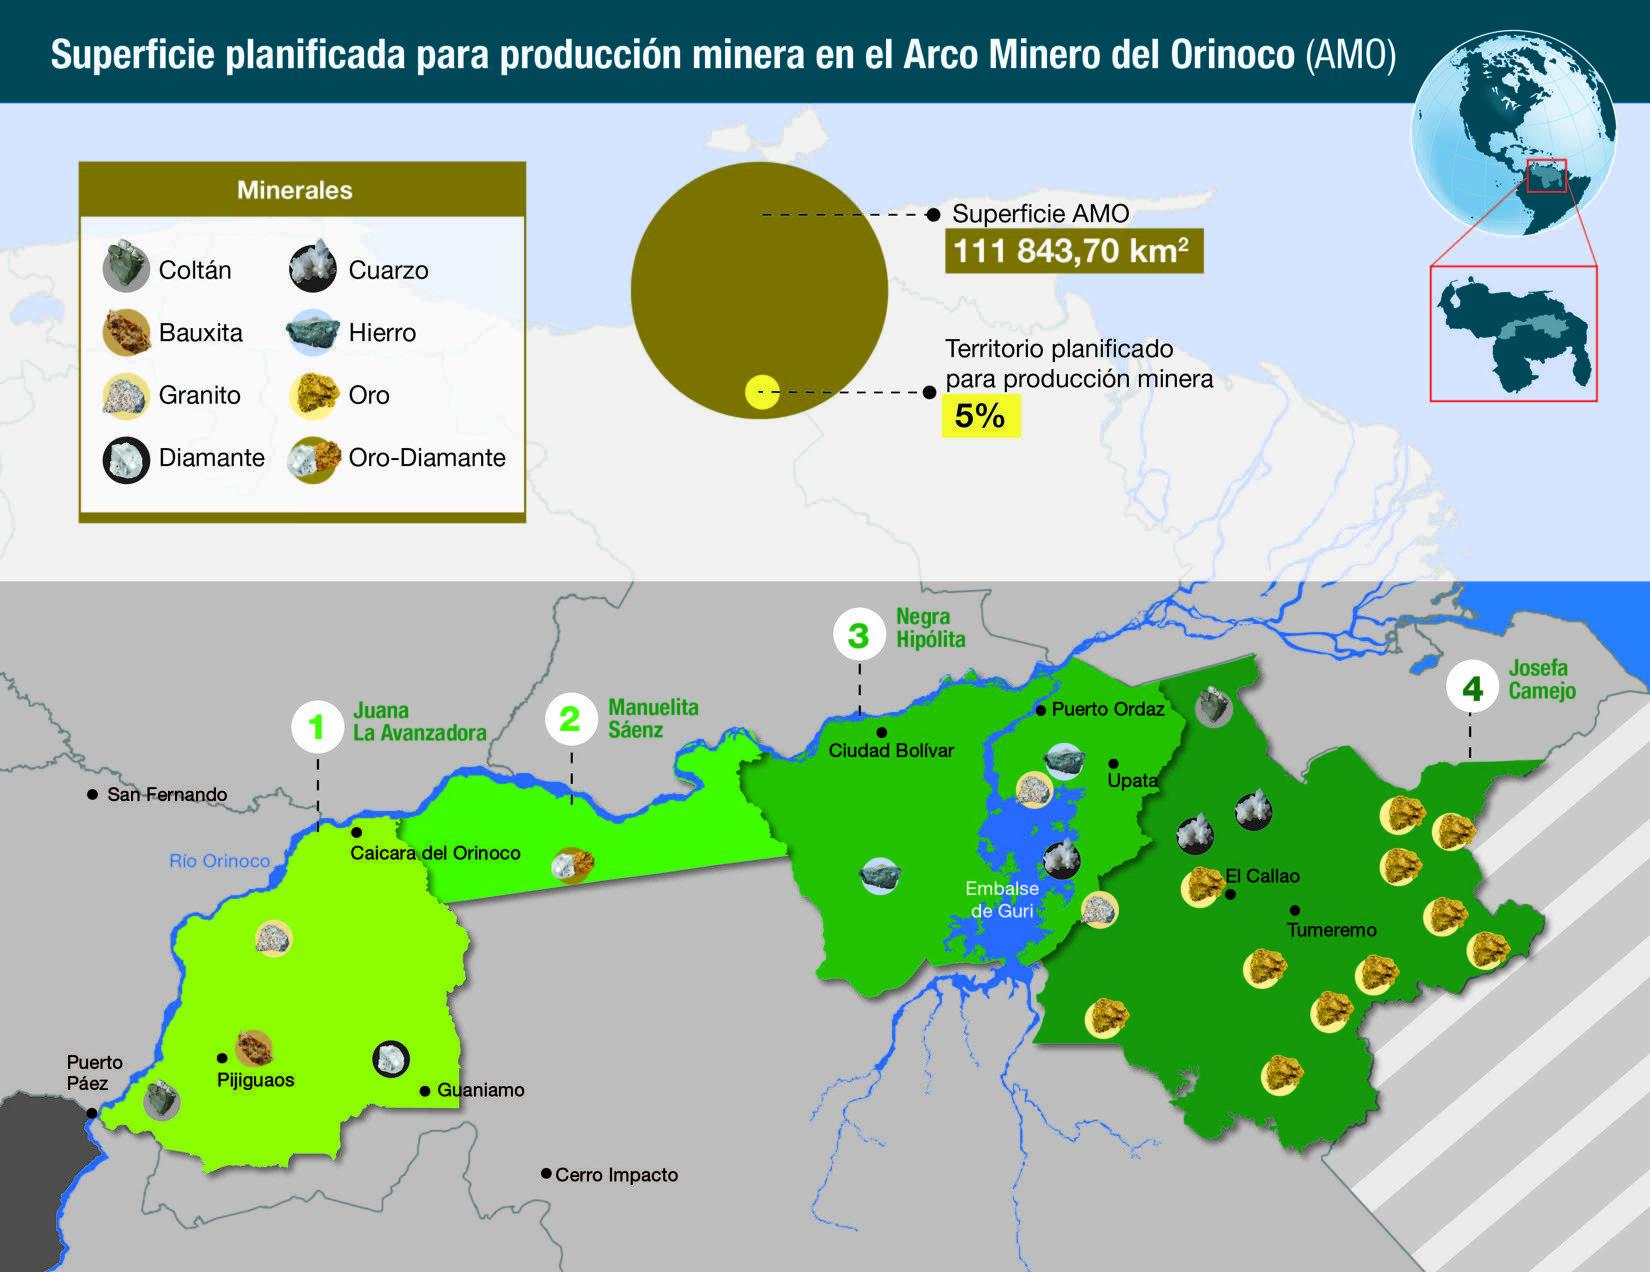 El mapa del arco minero